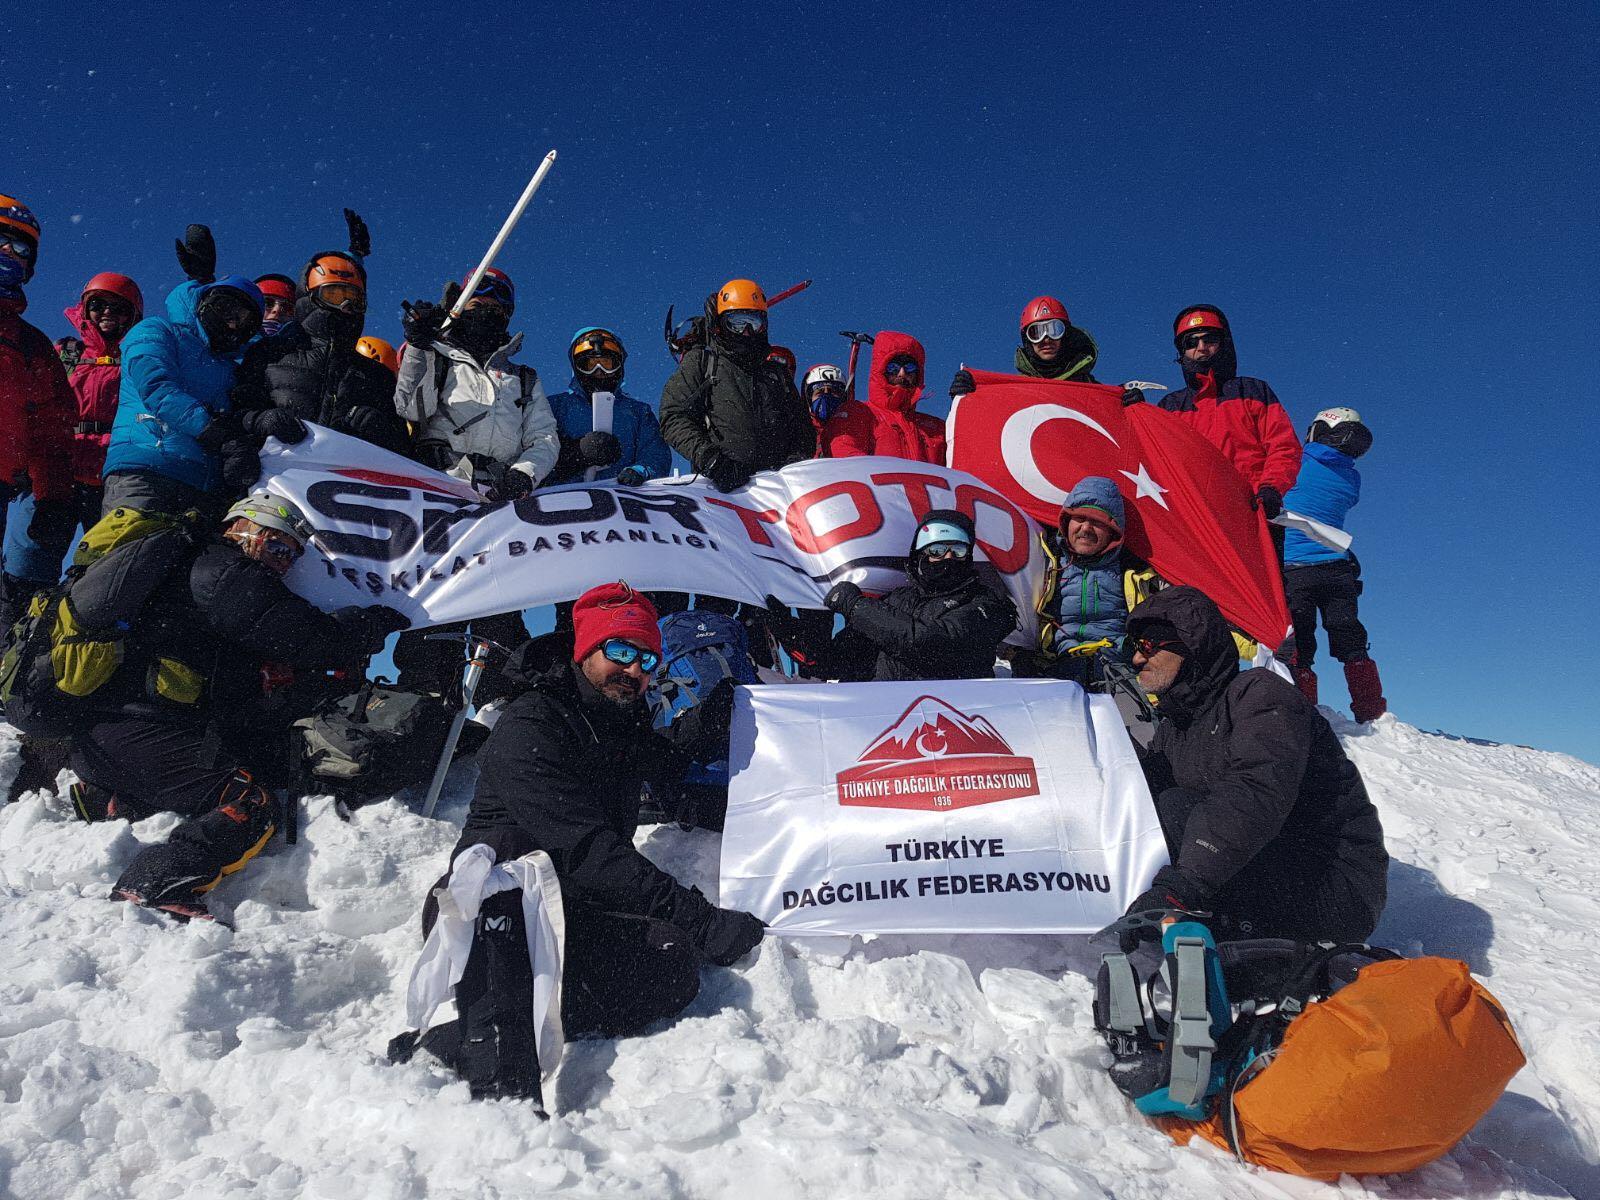 Allahuekber Dağı Sarıkamış Şehitlerini Anma Zirve Tırmanışı Katılımcı Listesi